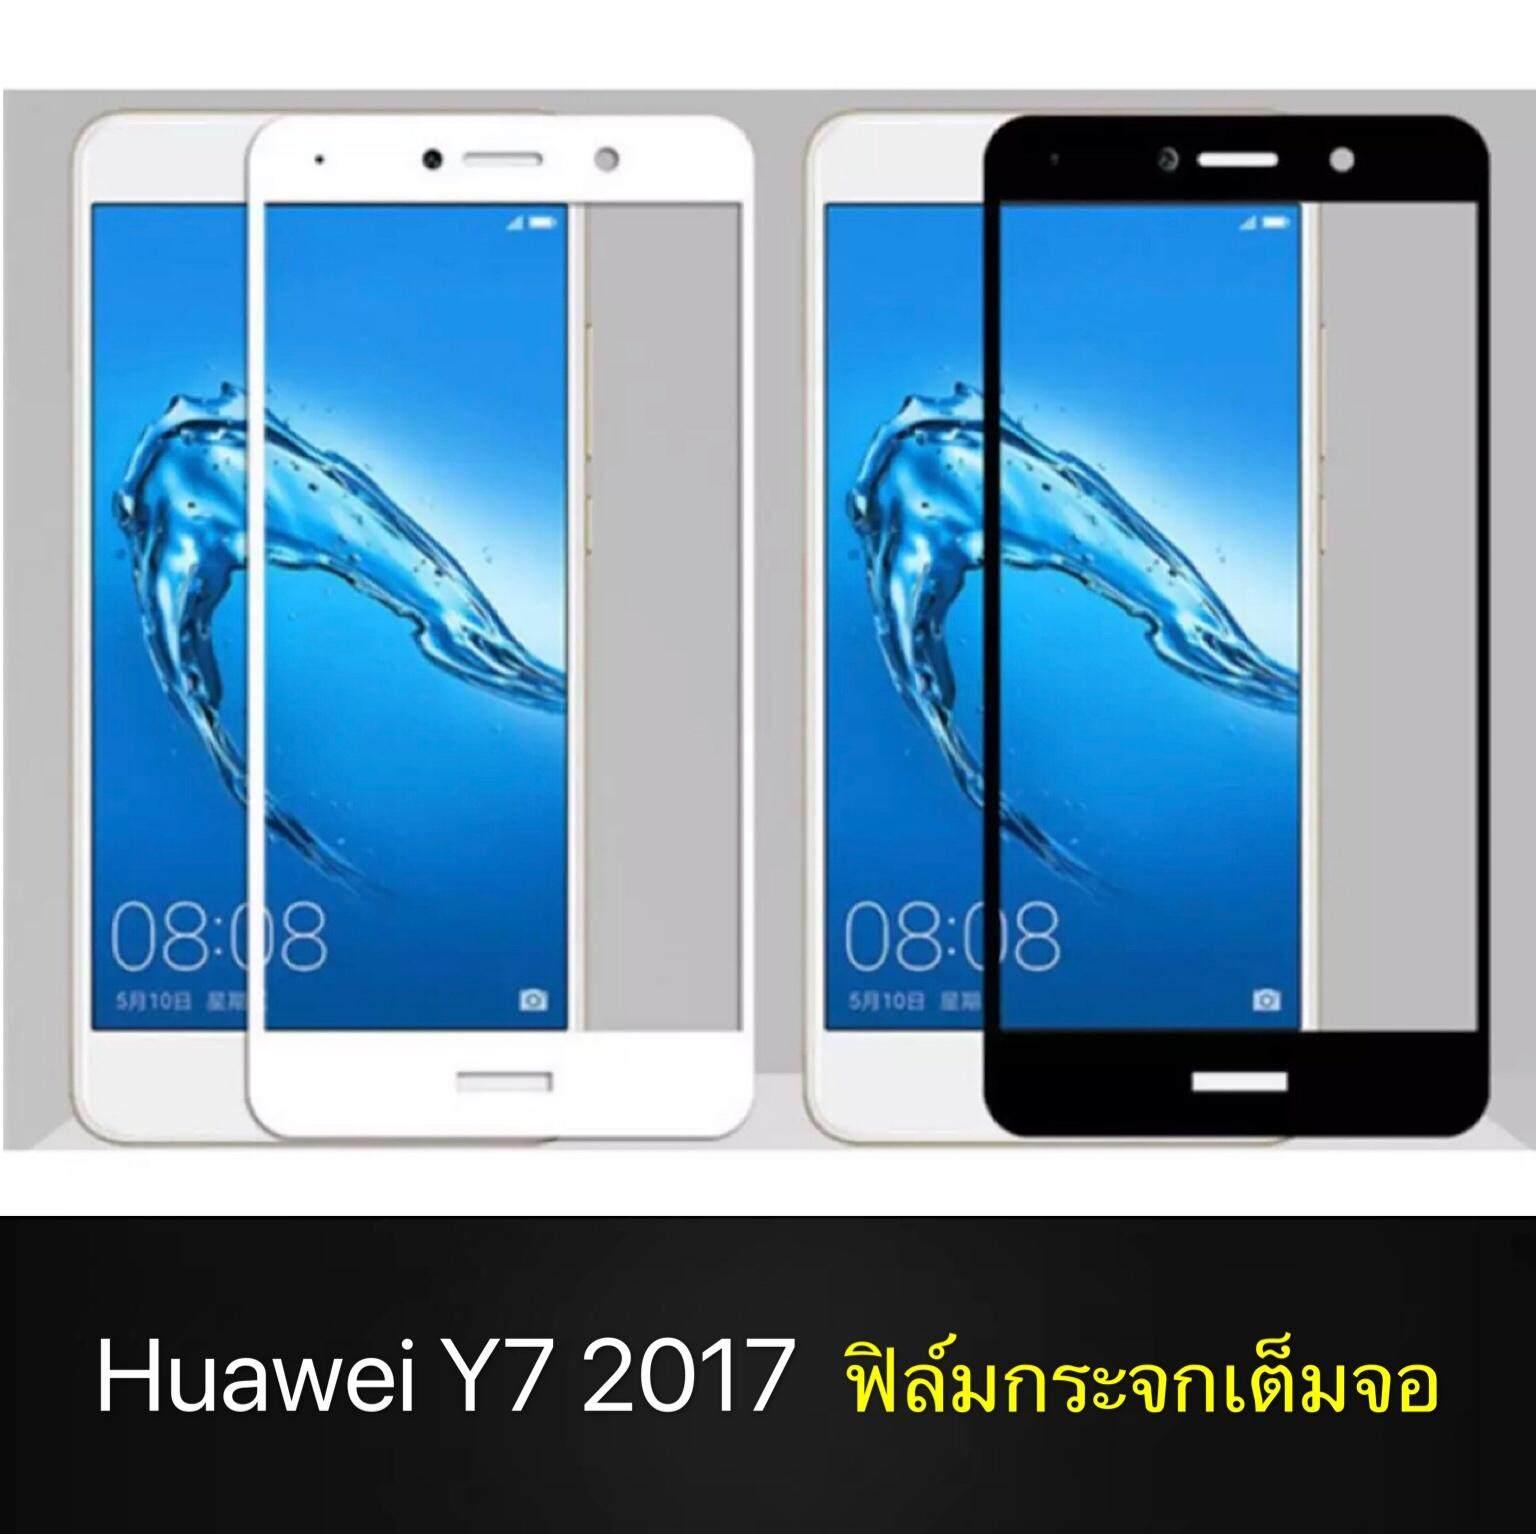 ฟิล์มกระจกนิรภัย Huawei Y7 2017 ฟิล์มเต็มจอ ใส่เคสได้ รุ่น หัวเว่ย Y72017 ฟิมกระจก ฟิล์มขอบขาว ฟิล์มขอบดำ ฟิล์มกันจอแตก ฟิล์มกันกระแทก.